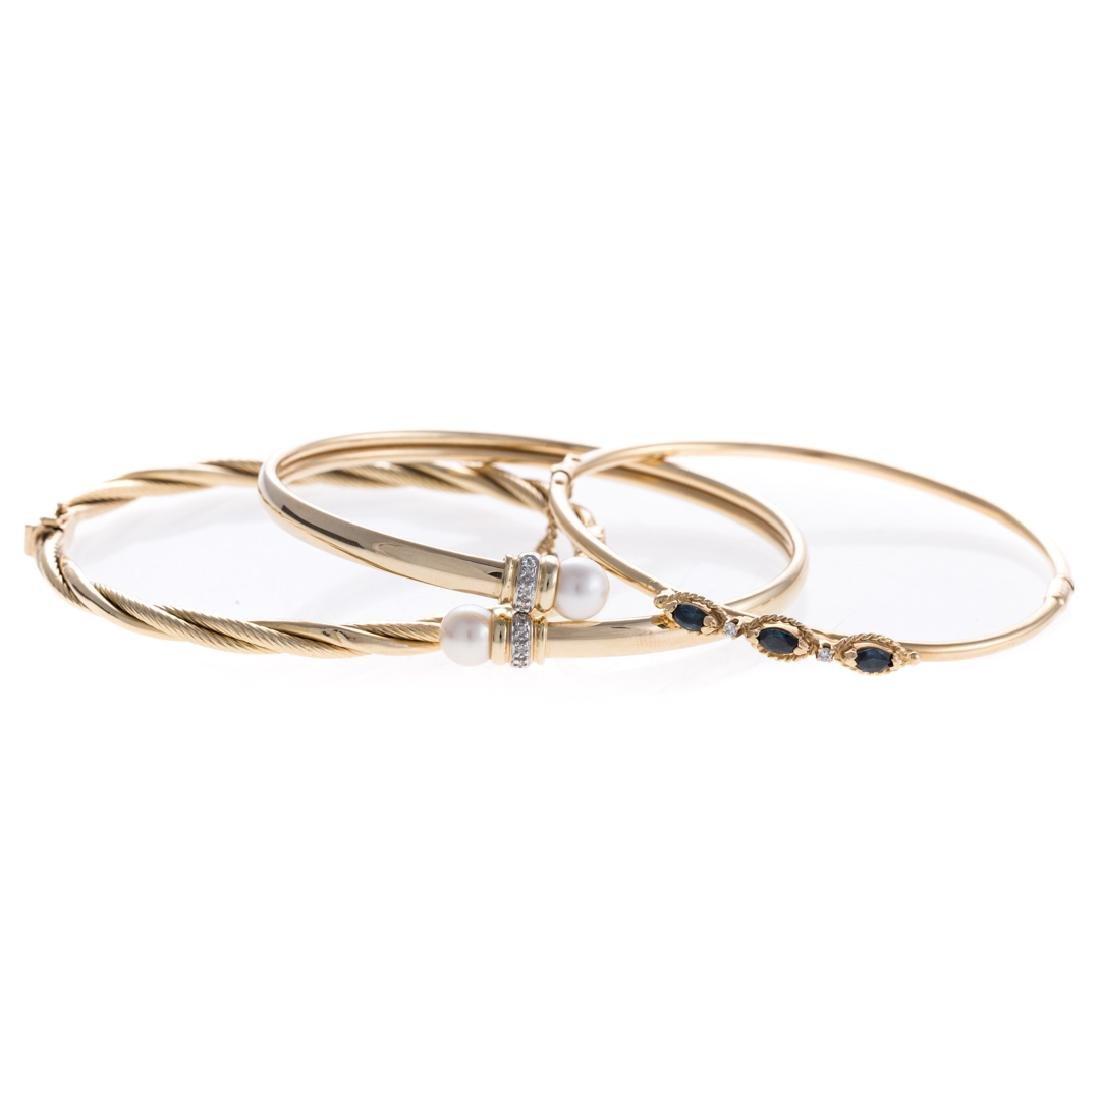 A Trio of Lady's Gold Bangle Bracelets